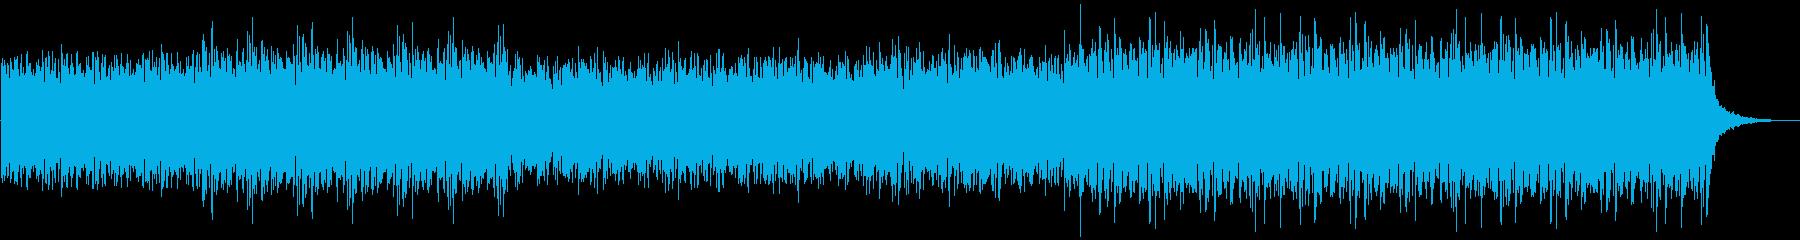 和太鼓とオーケストラの迫力あるBGMの再生済みの波形